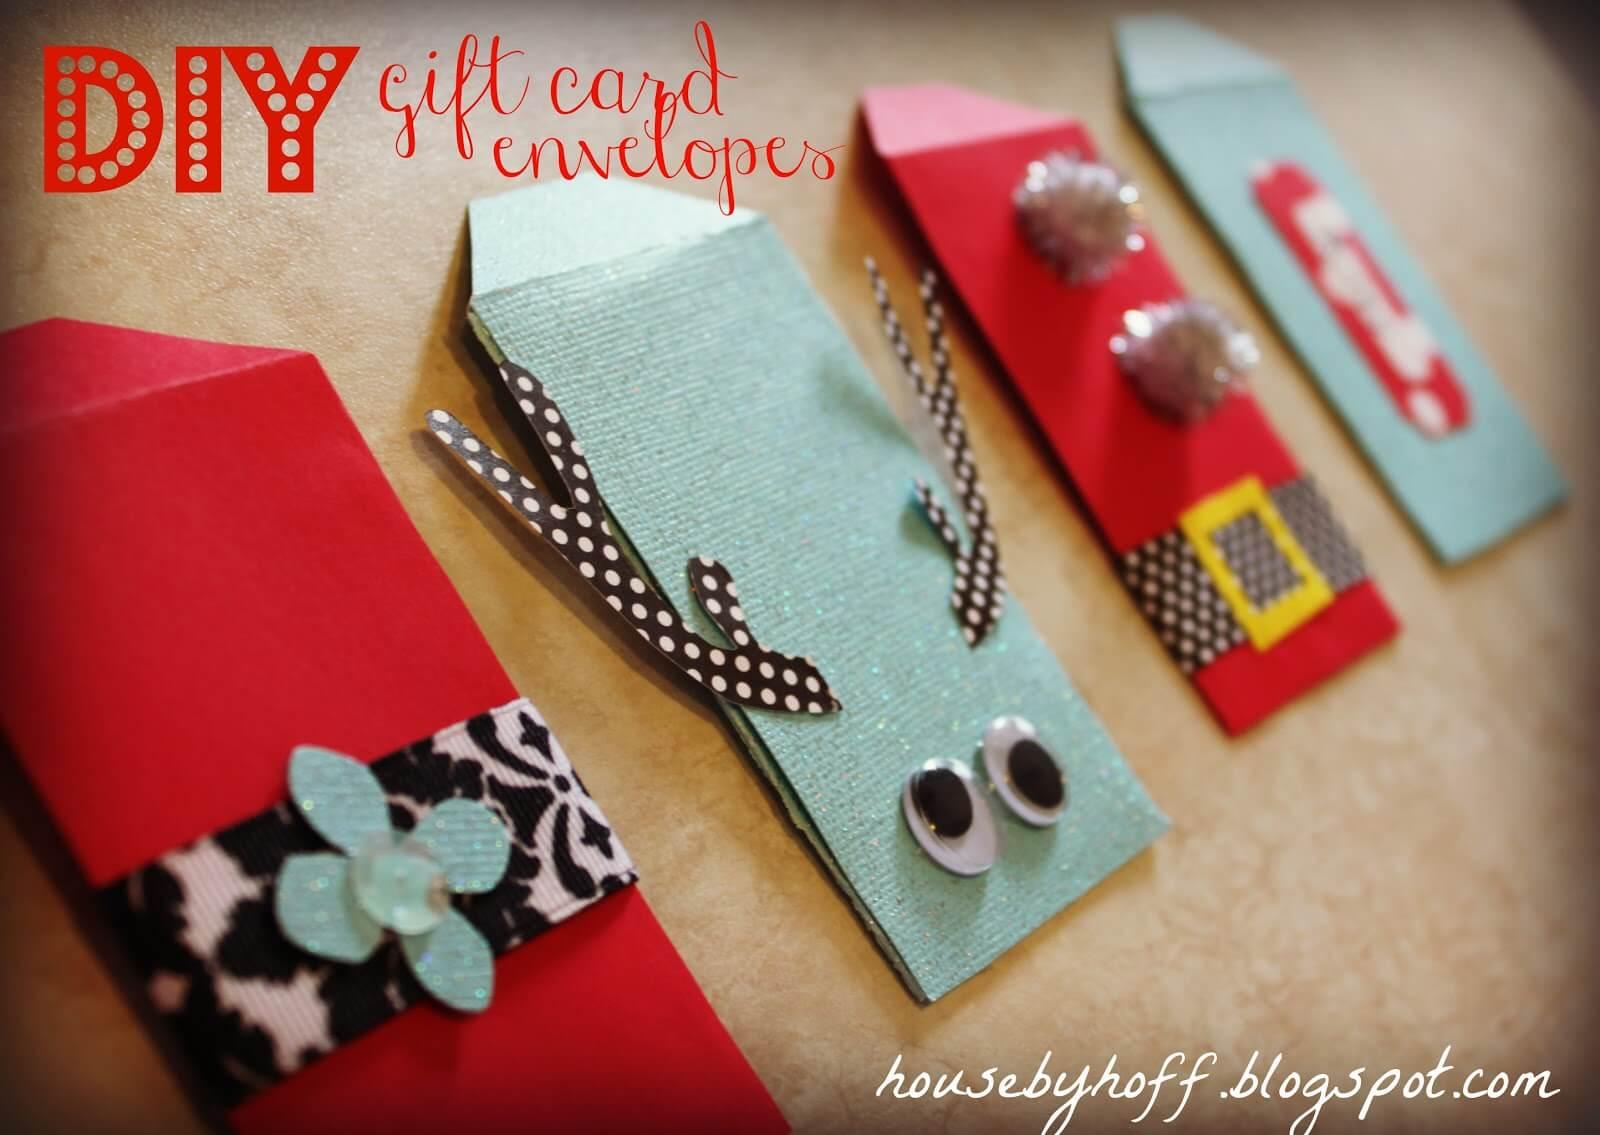 4-embellished-envelope-and-card